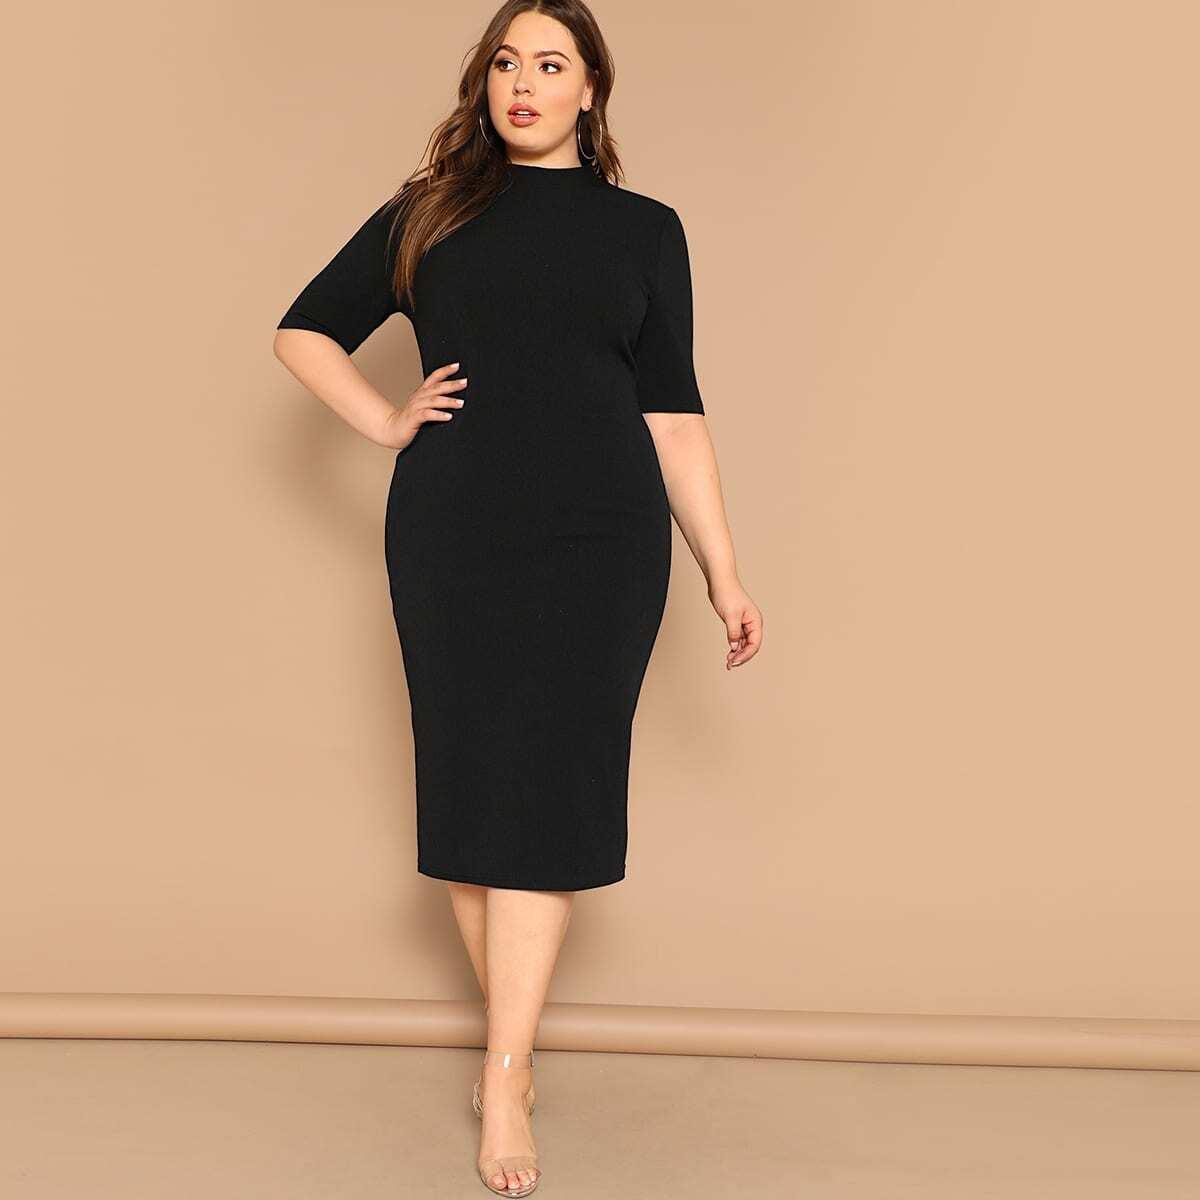 Zwart Basics Vlak Grote maten jurken